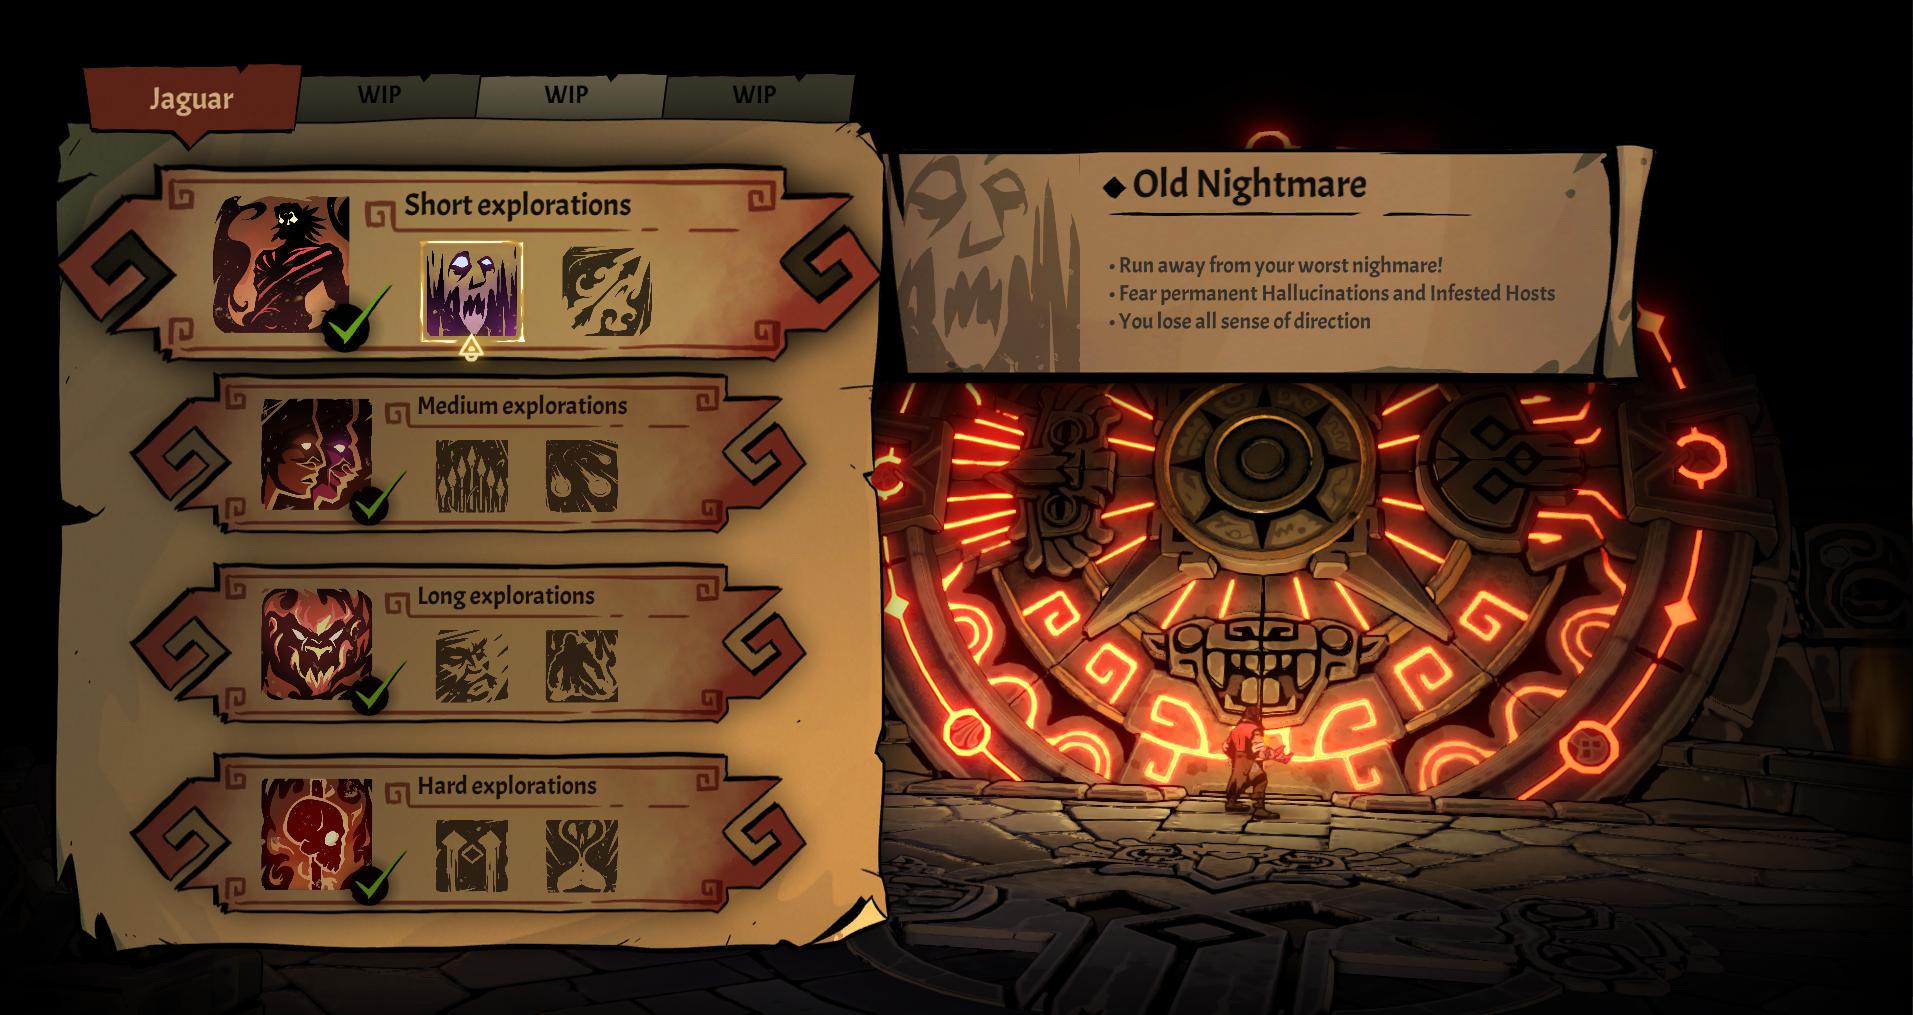 《无间冥寺》首个大型更新上线 加入8种无尽诅咒模式